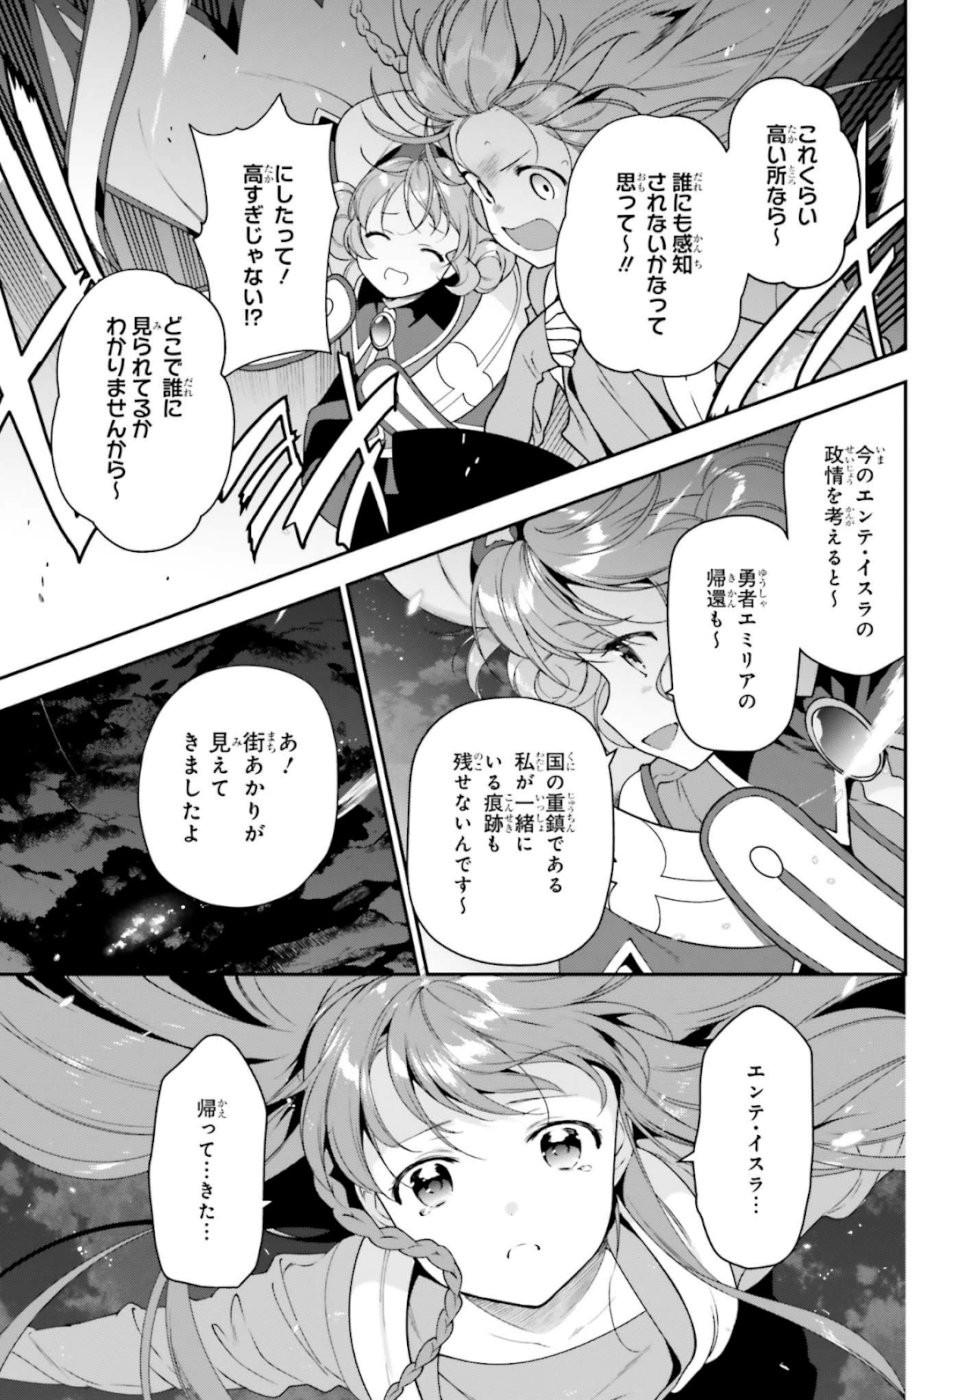 Hataraku Maousama! - Chapter 83 - Page 3